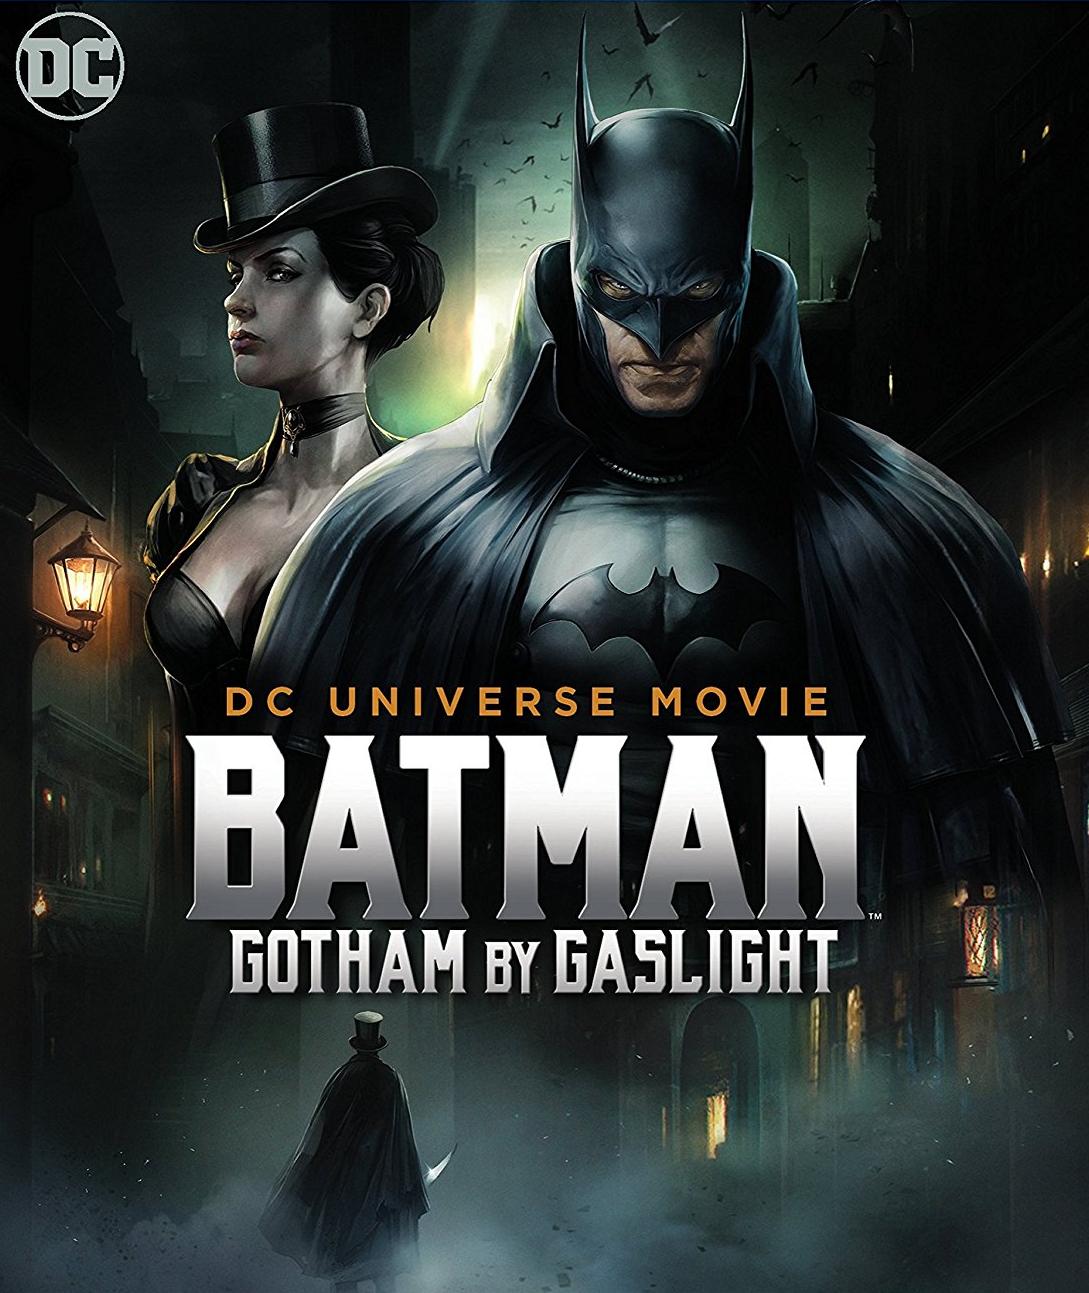 Batman: Gotham by Gaslight (2018) | Batpedia | Fandom